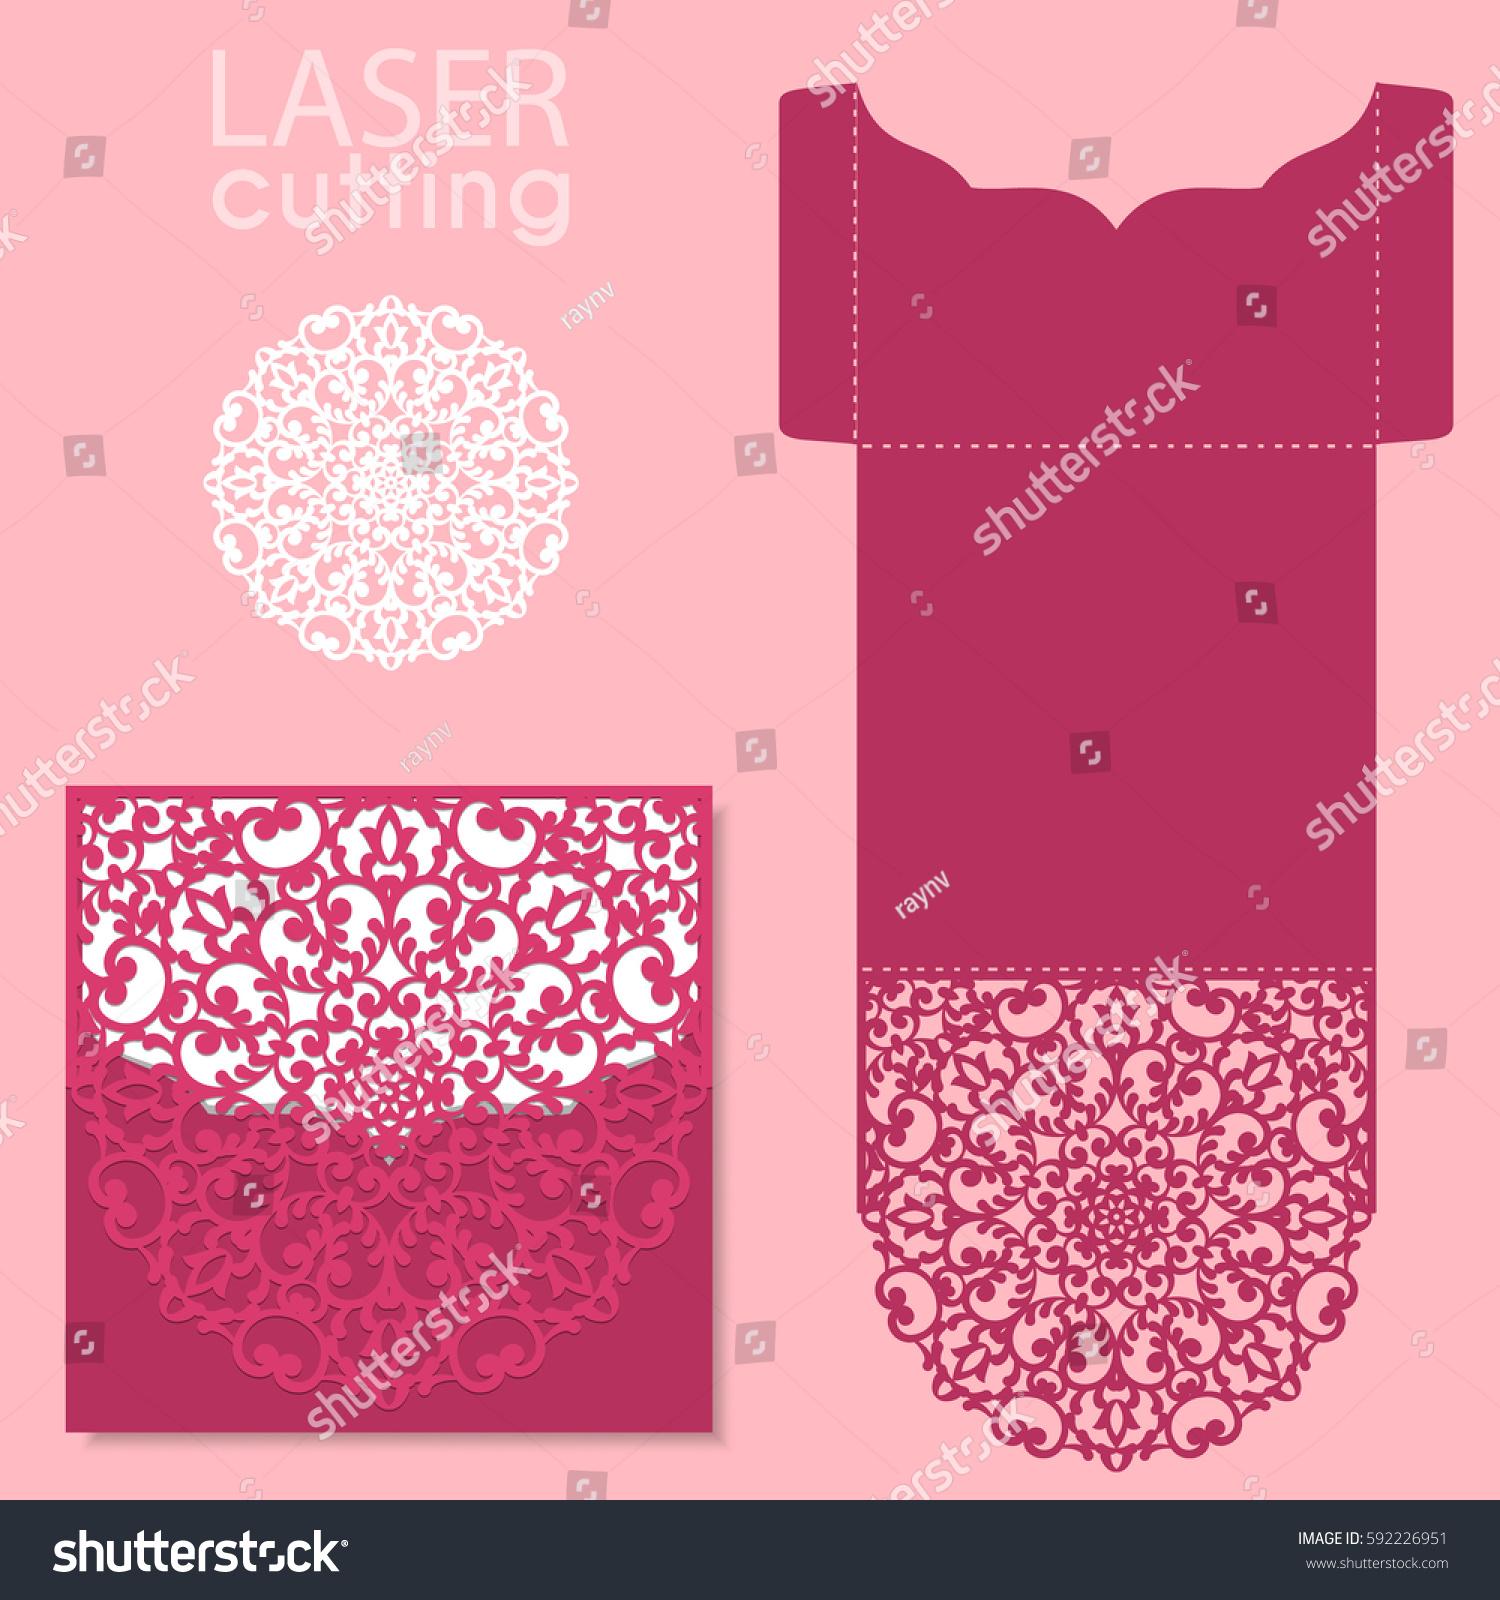 Vector Die Laser Cut Envelope Template Vector 592226951 – Wedding Card Envelope Template